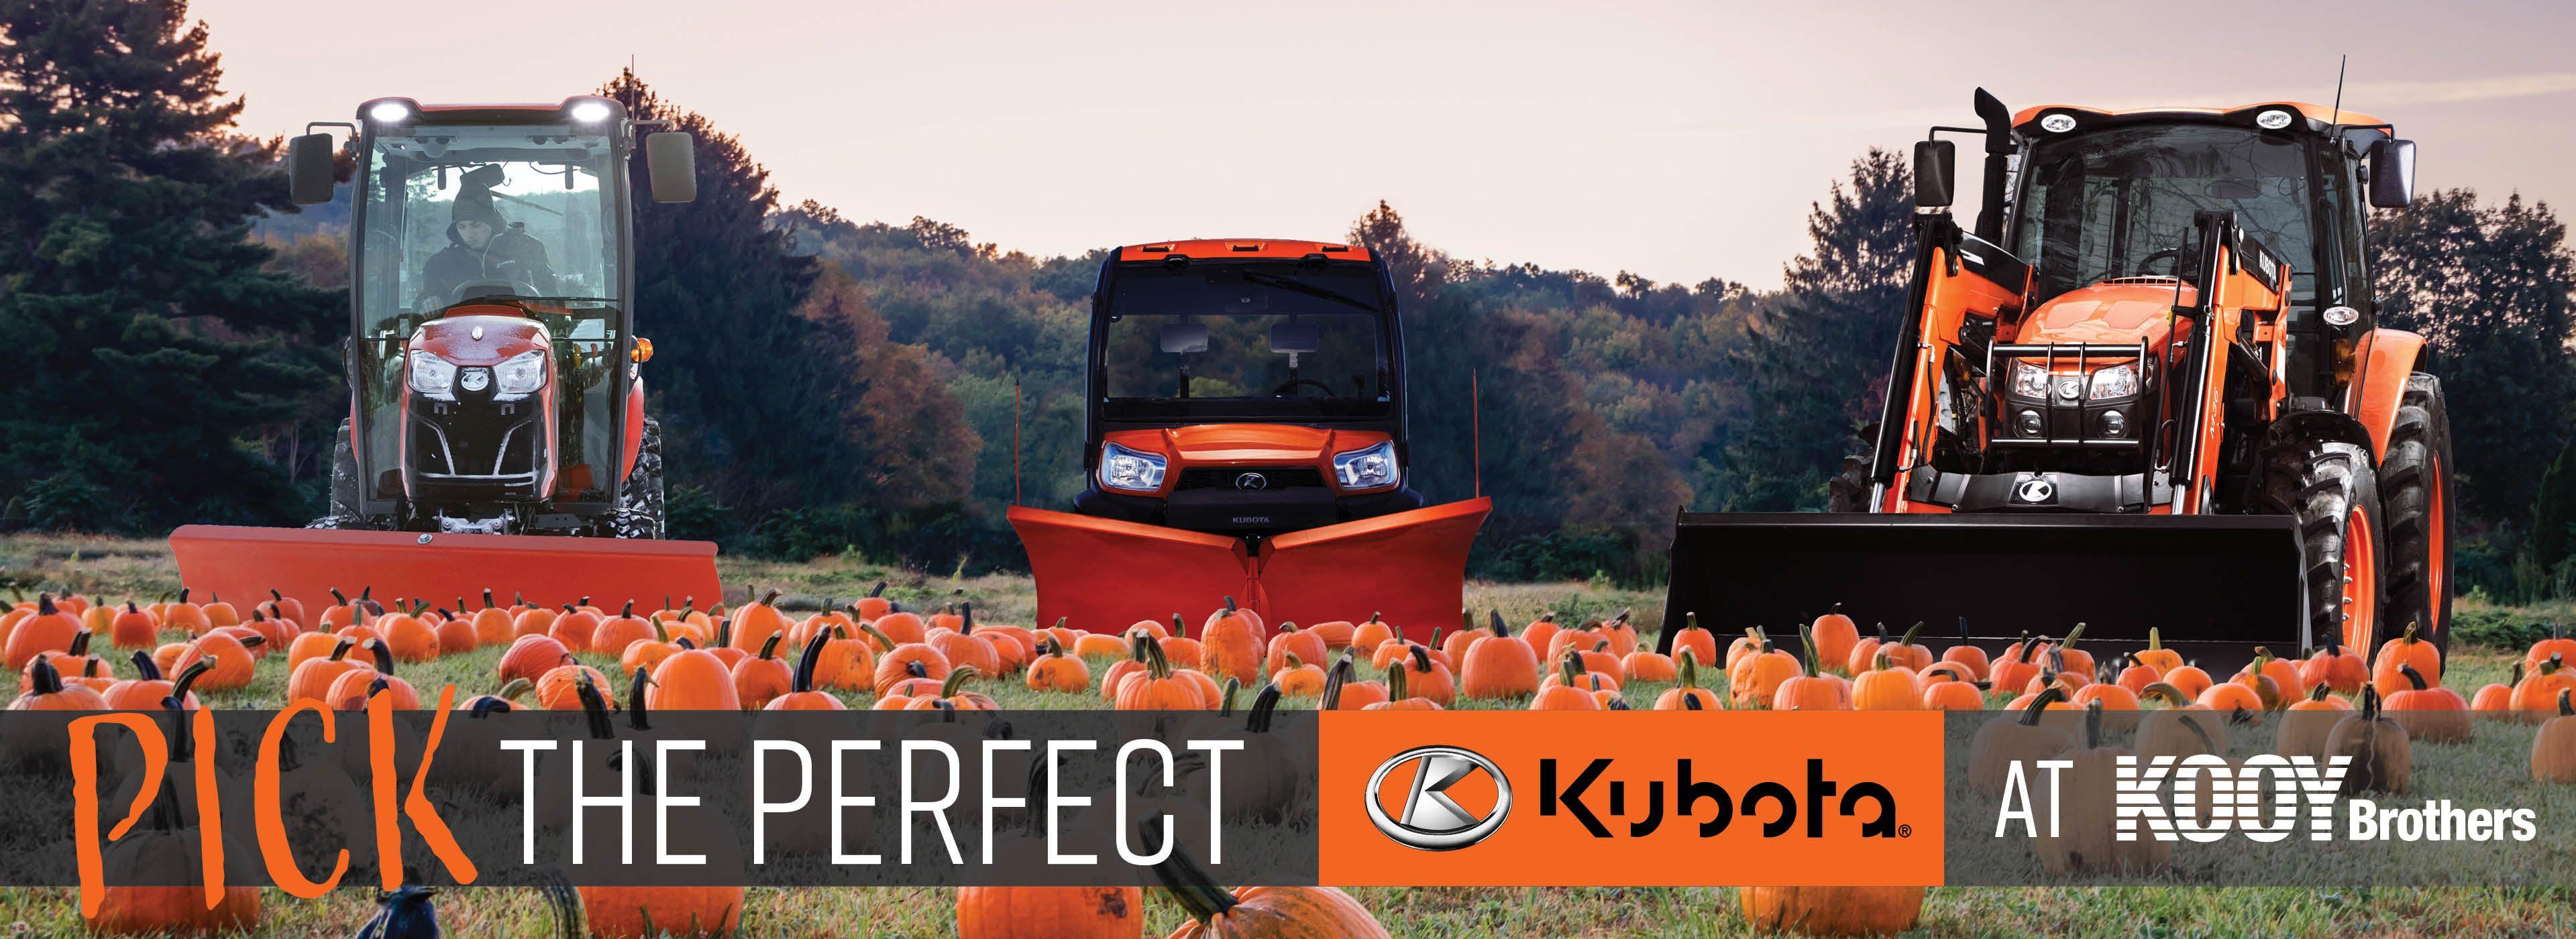 Kubota Halloween Banner